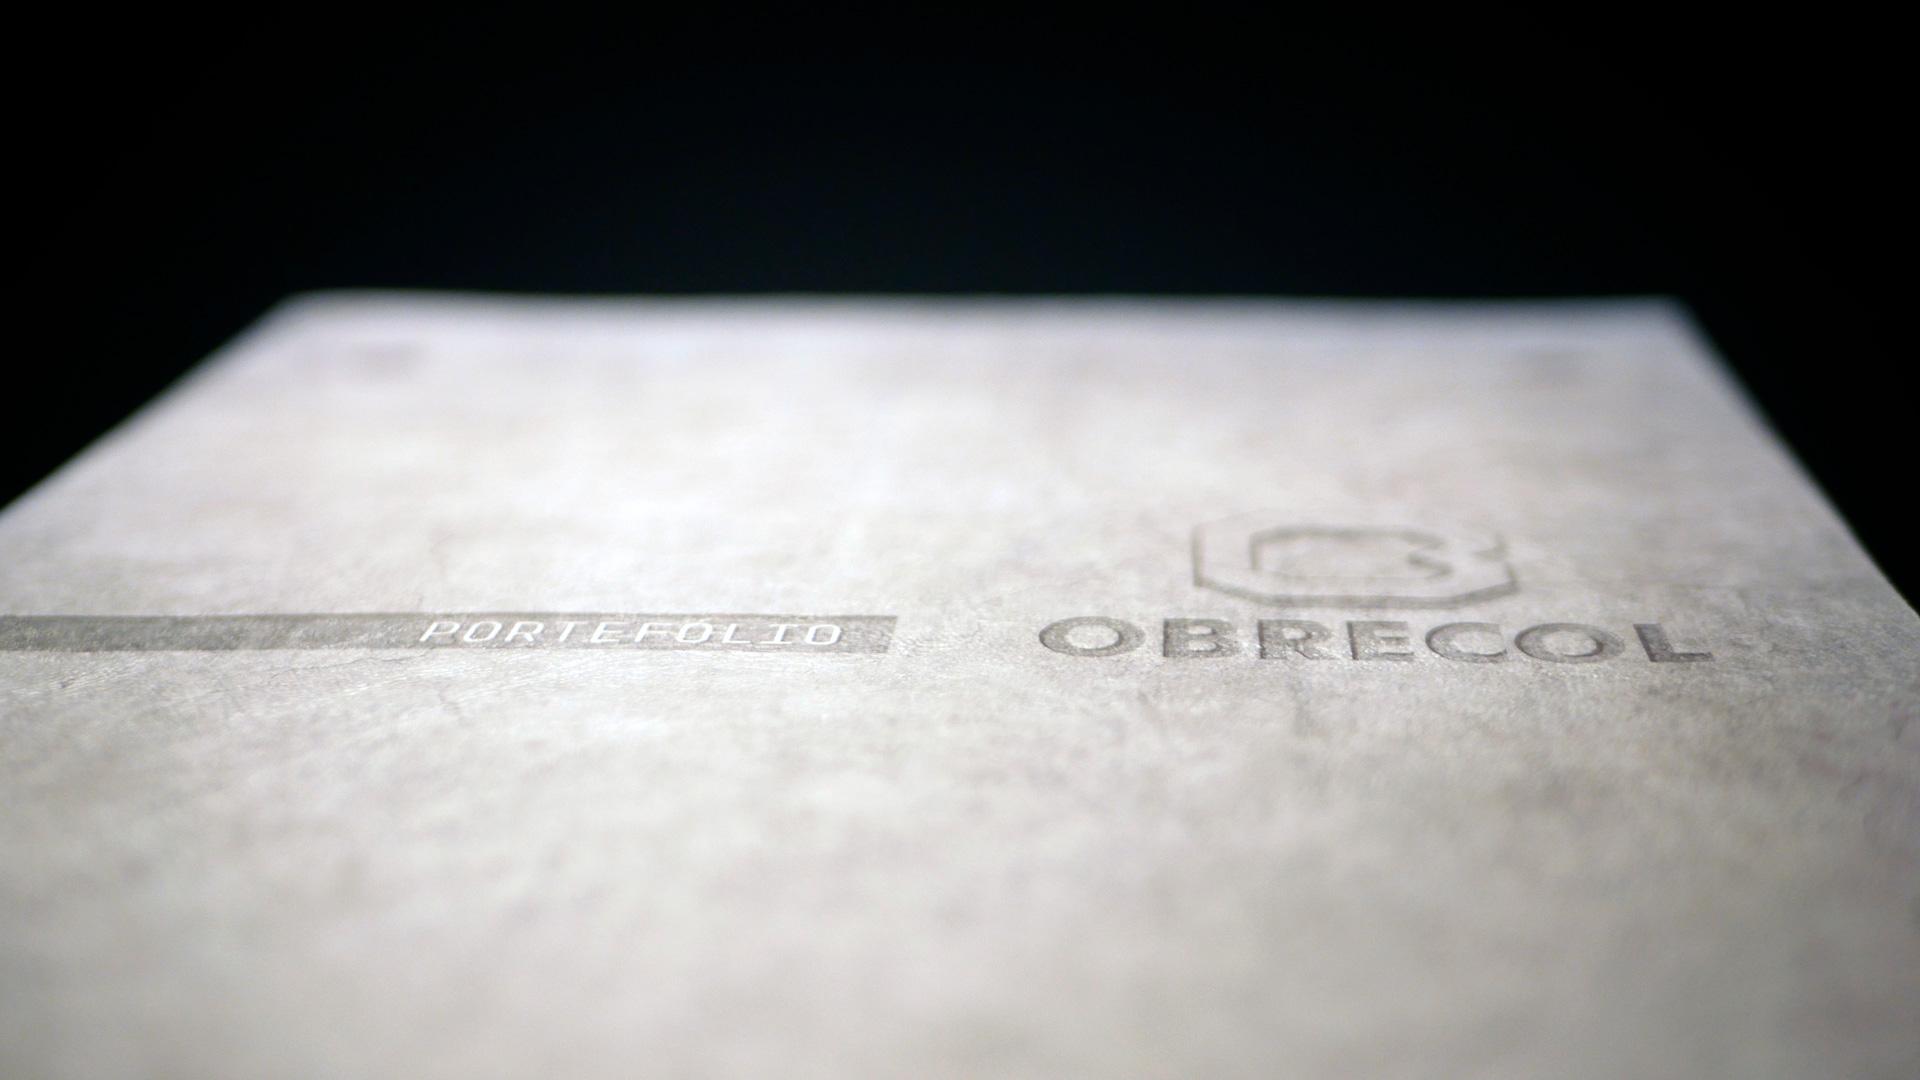 obrecol010